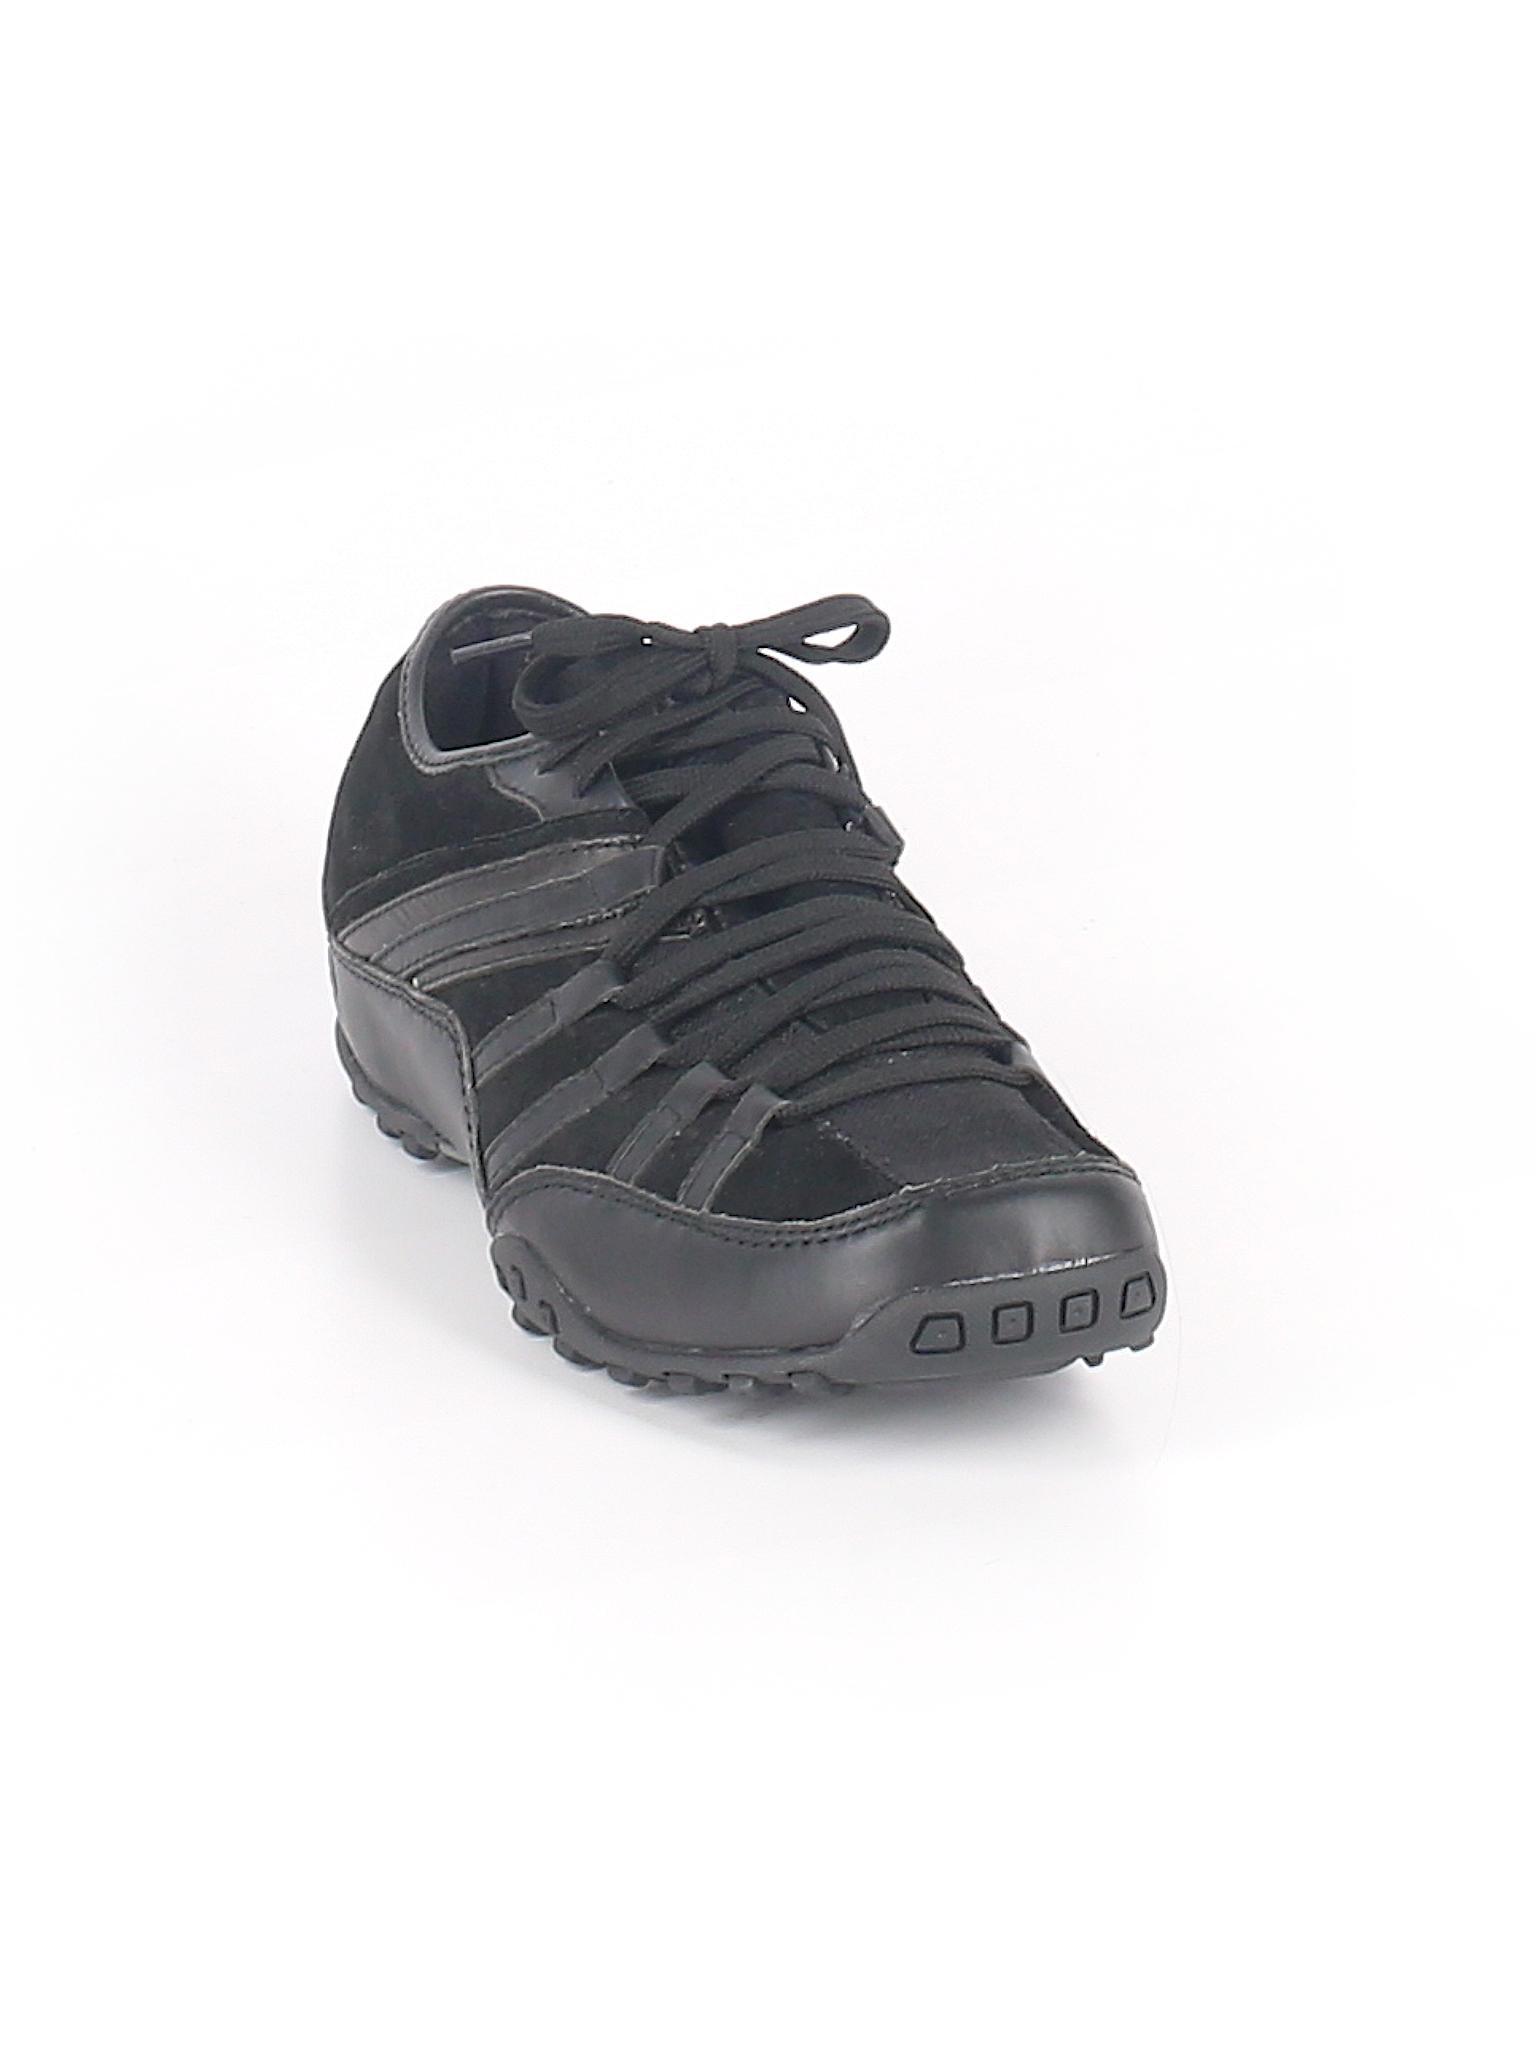 promotion Boutique Sneakers Boutique promotion Skechers FqHvW1w